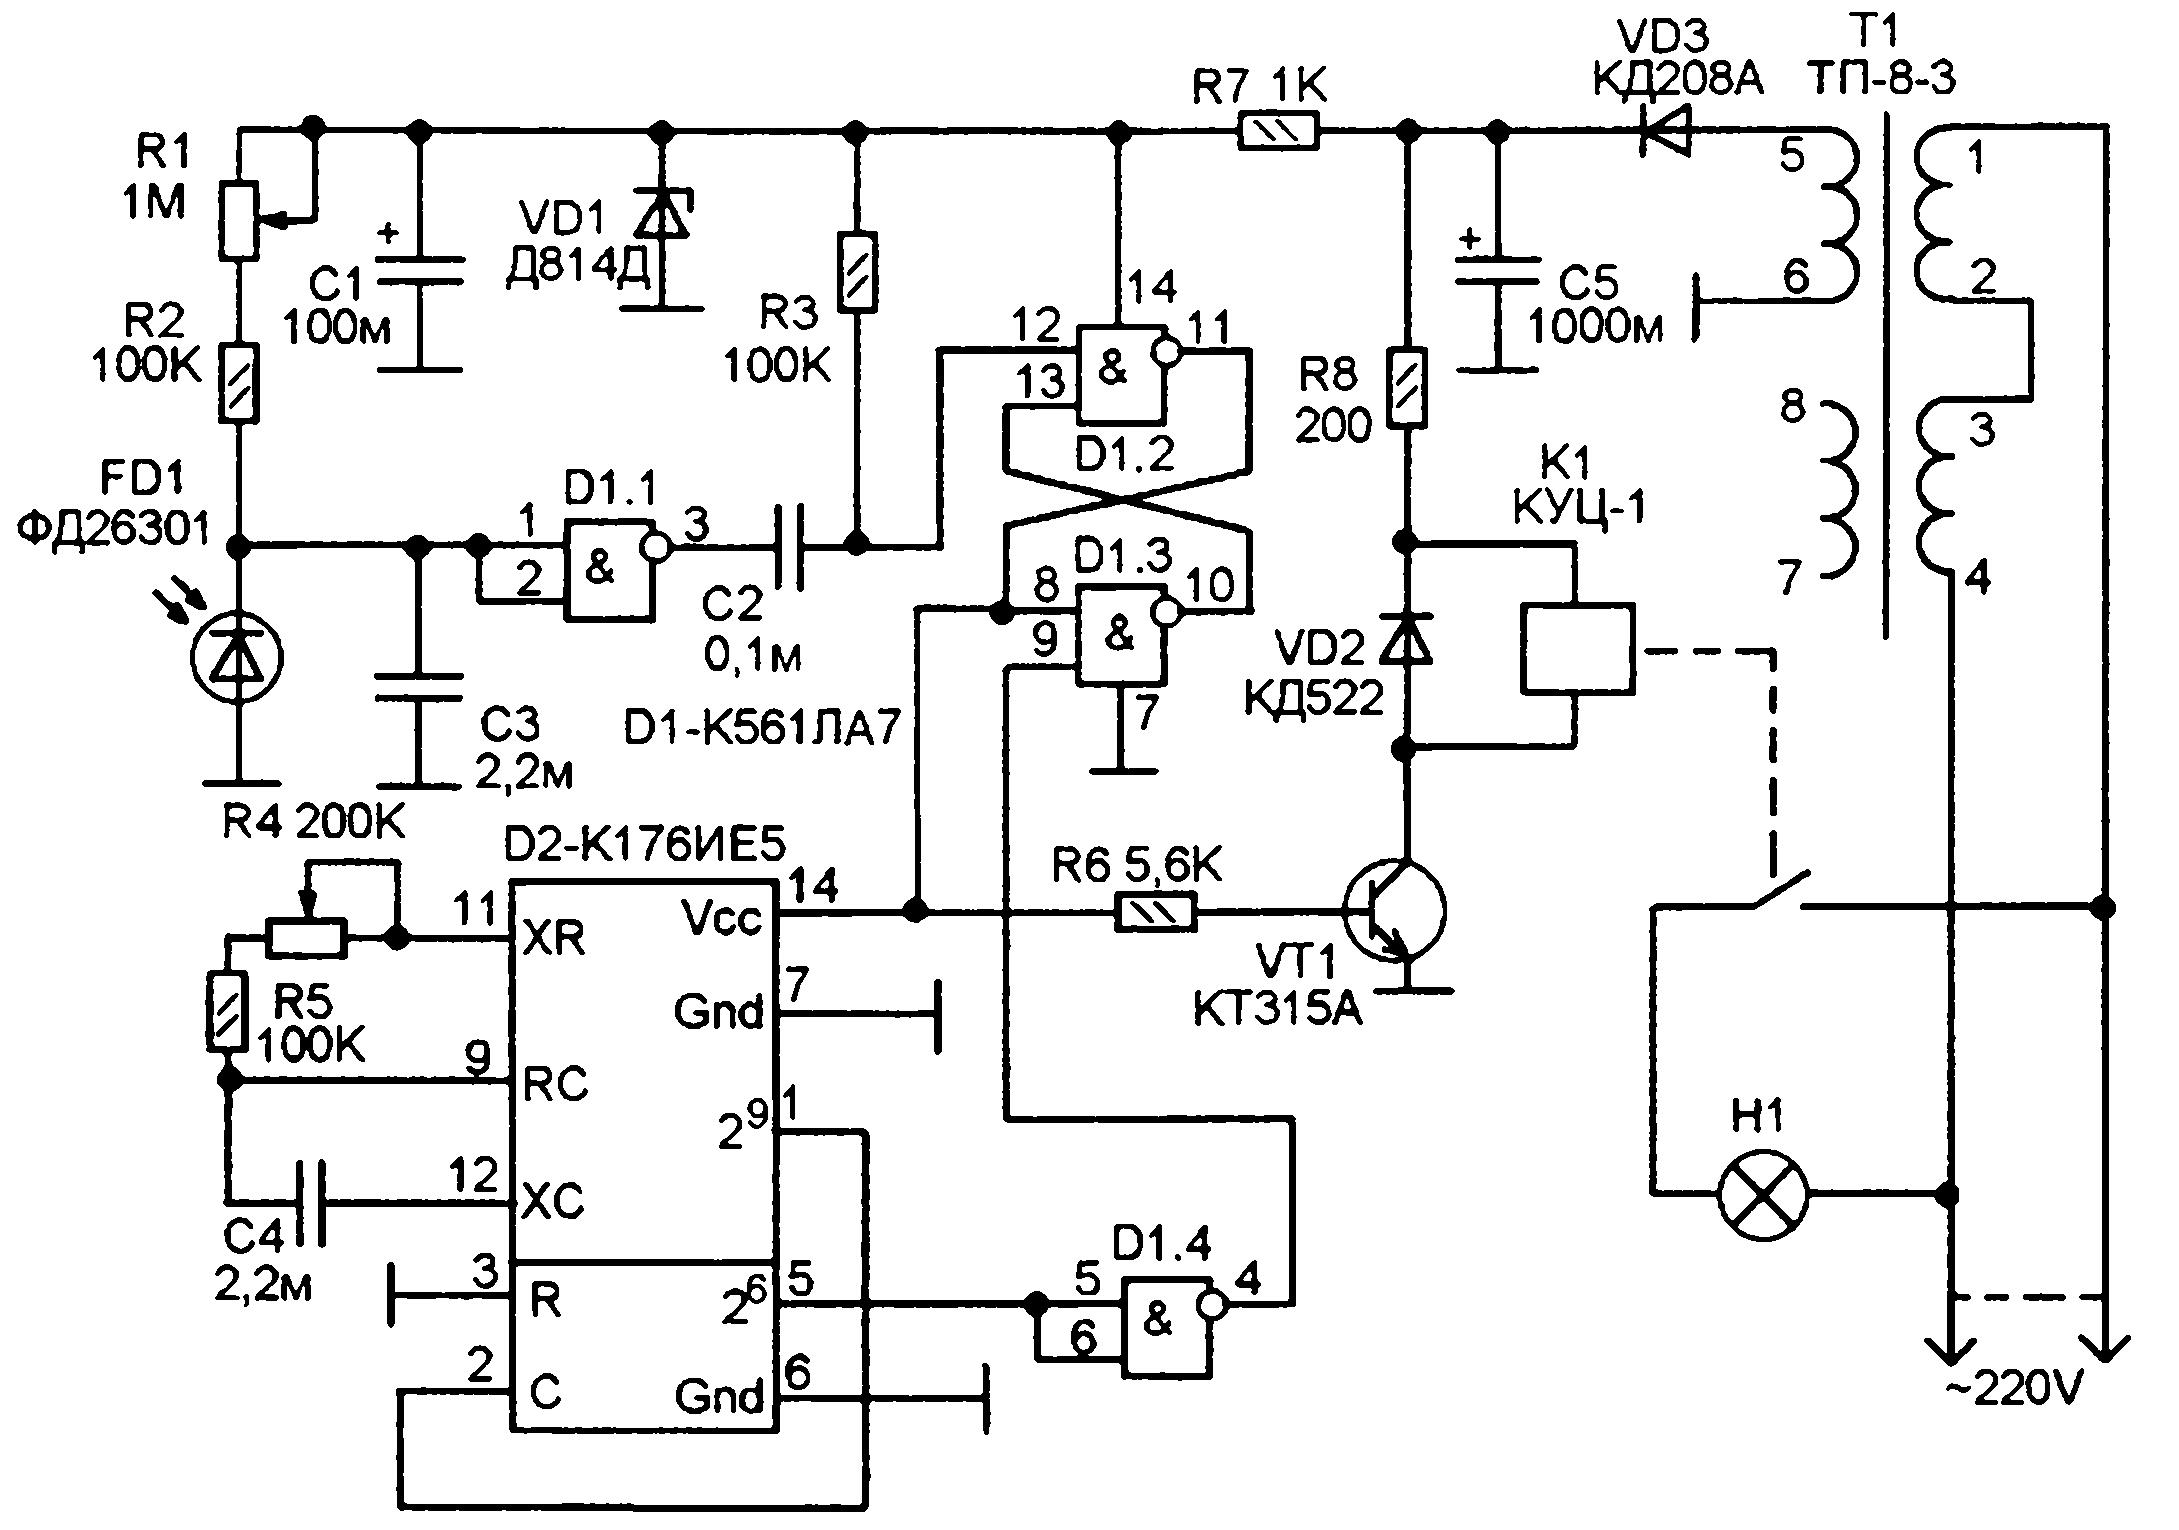 простейшая схема с фотореле на включения освещения